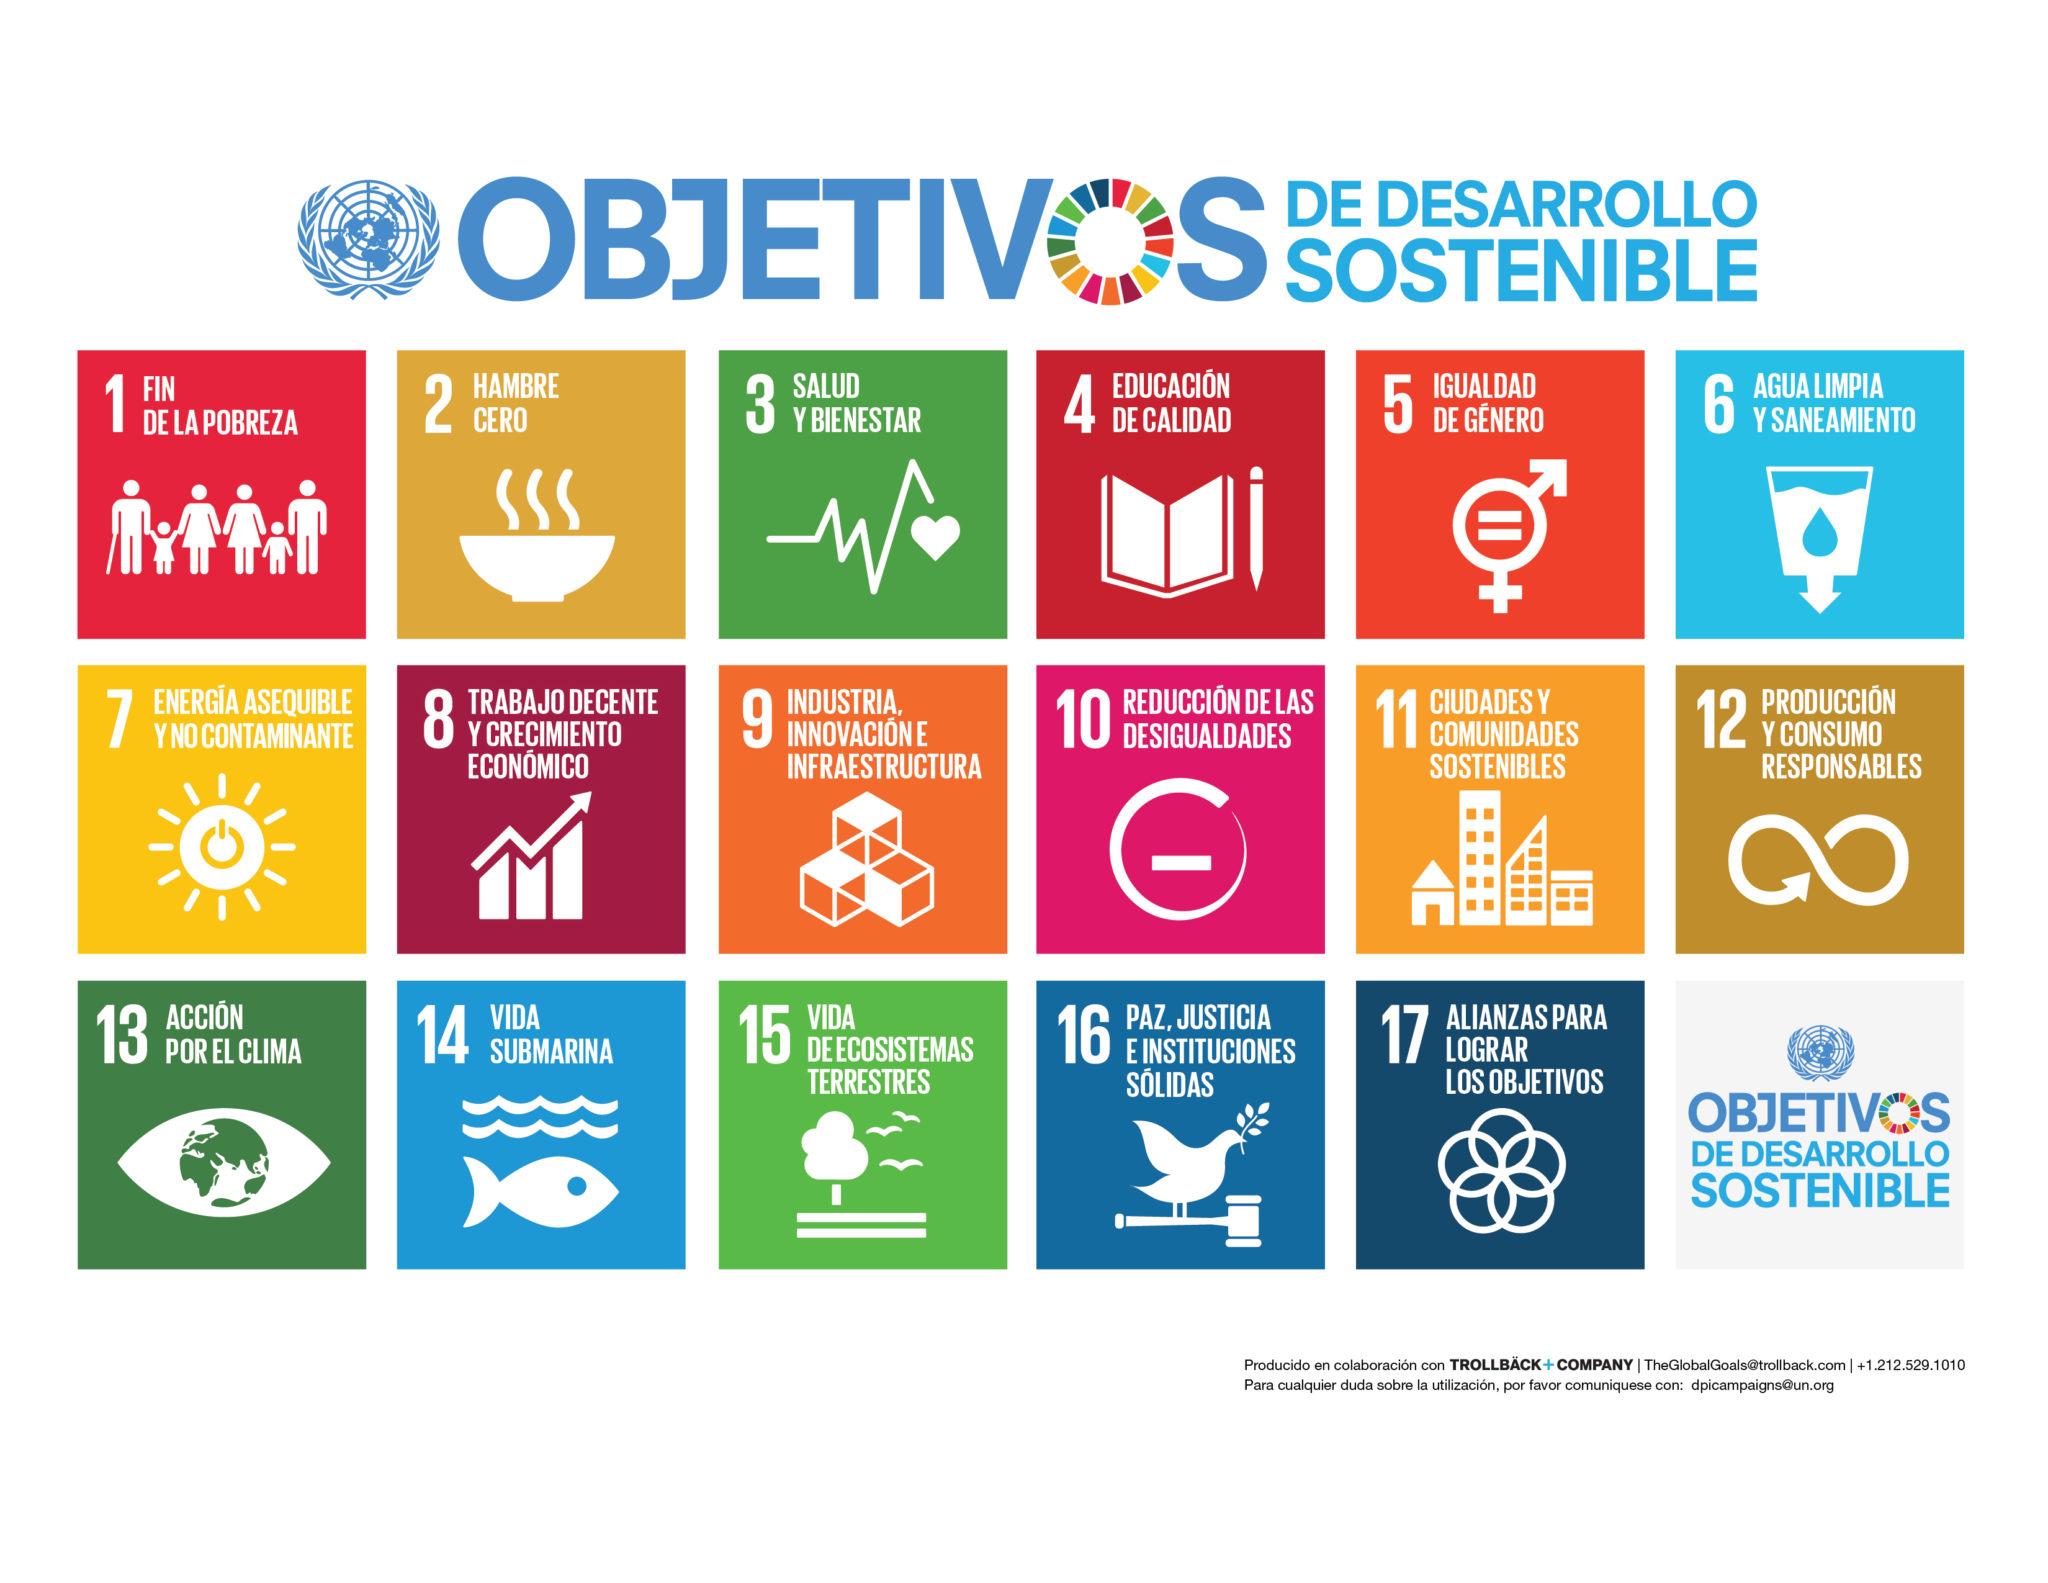 ODS scaled - Los ODS -Objetivos de Desarrollo Sostenible